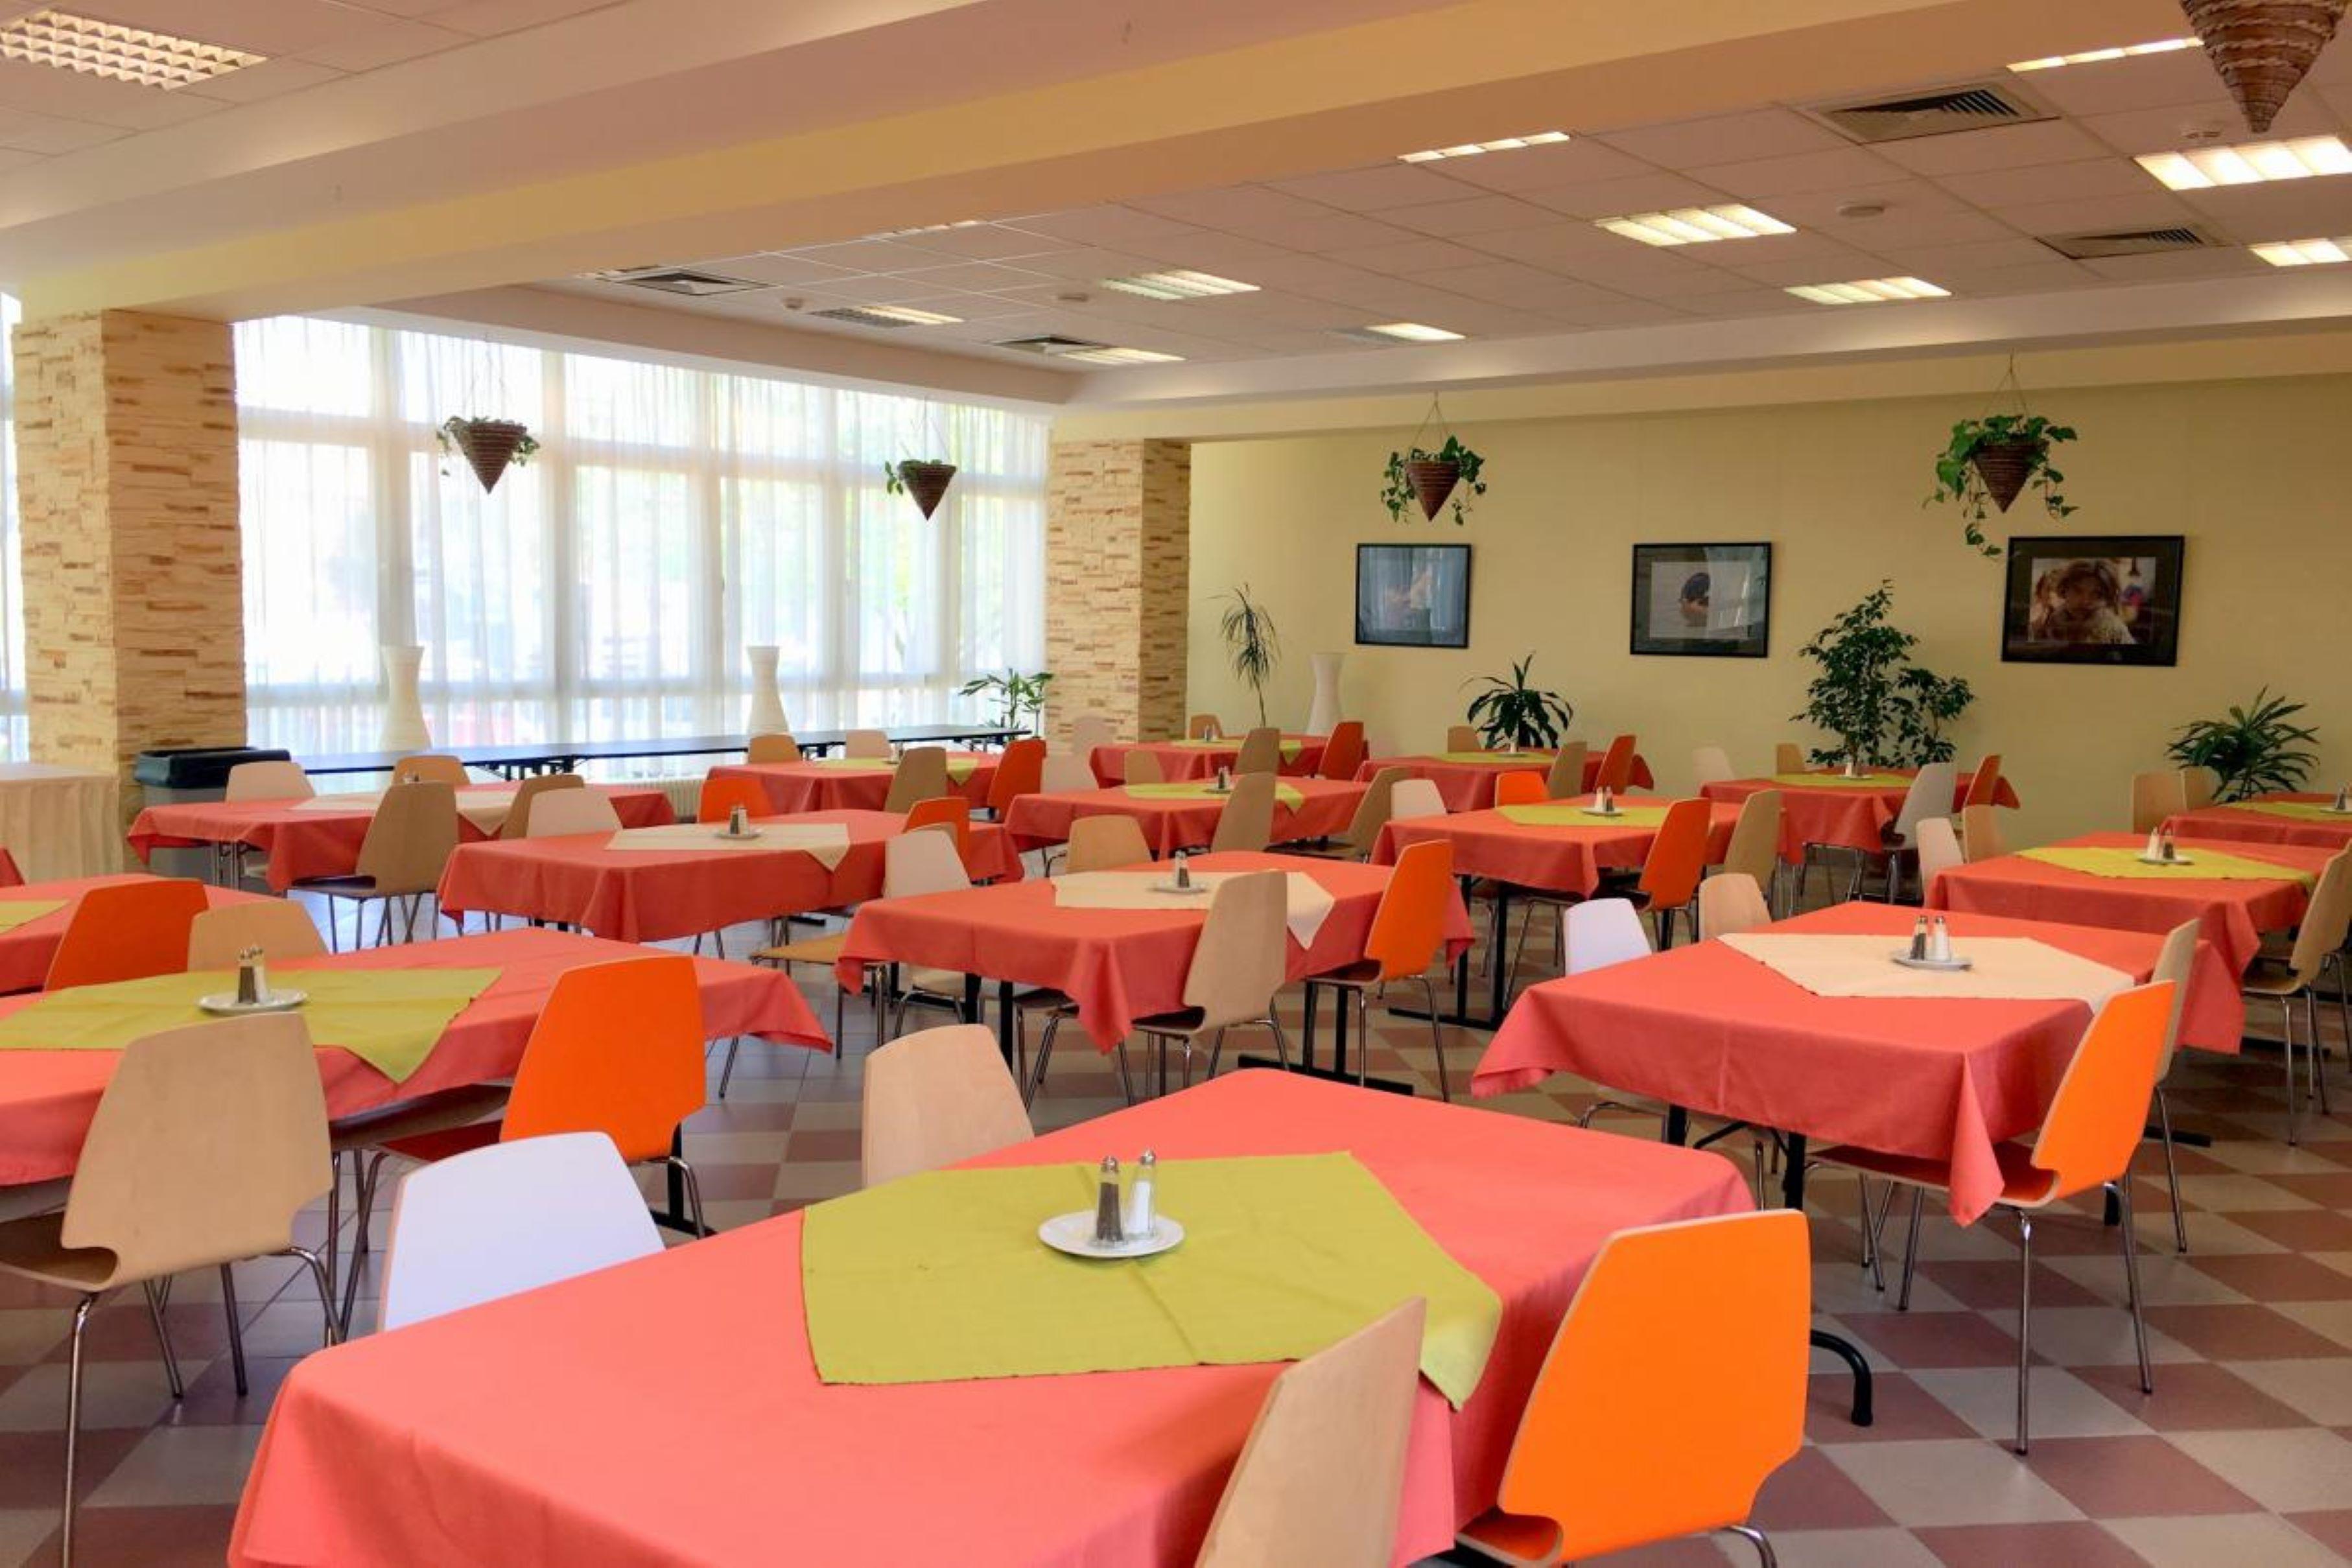 Dormitory cafeteria